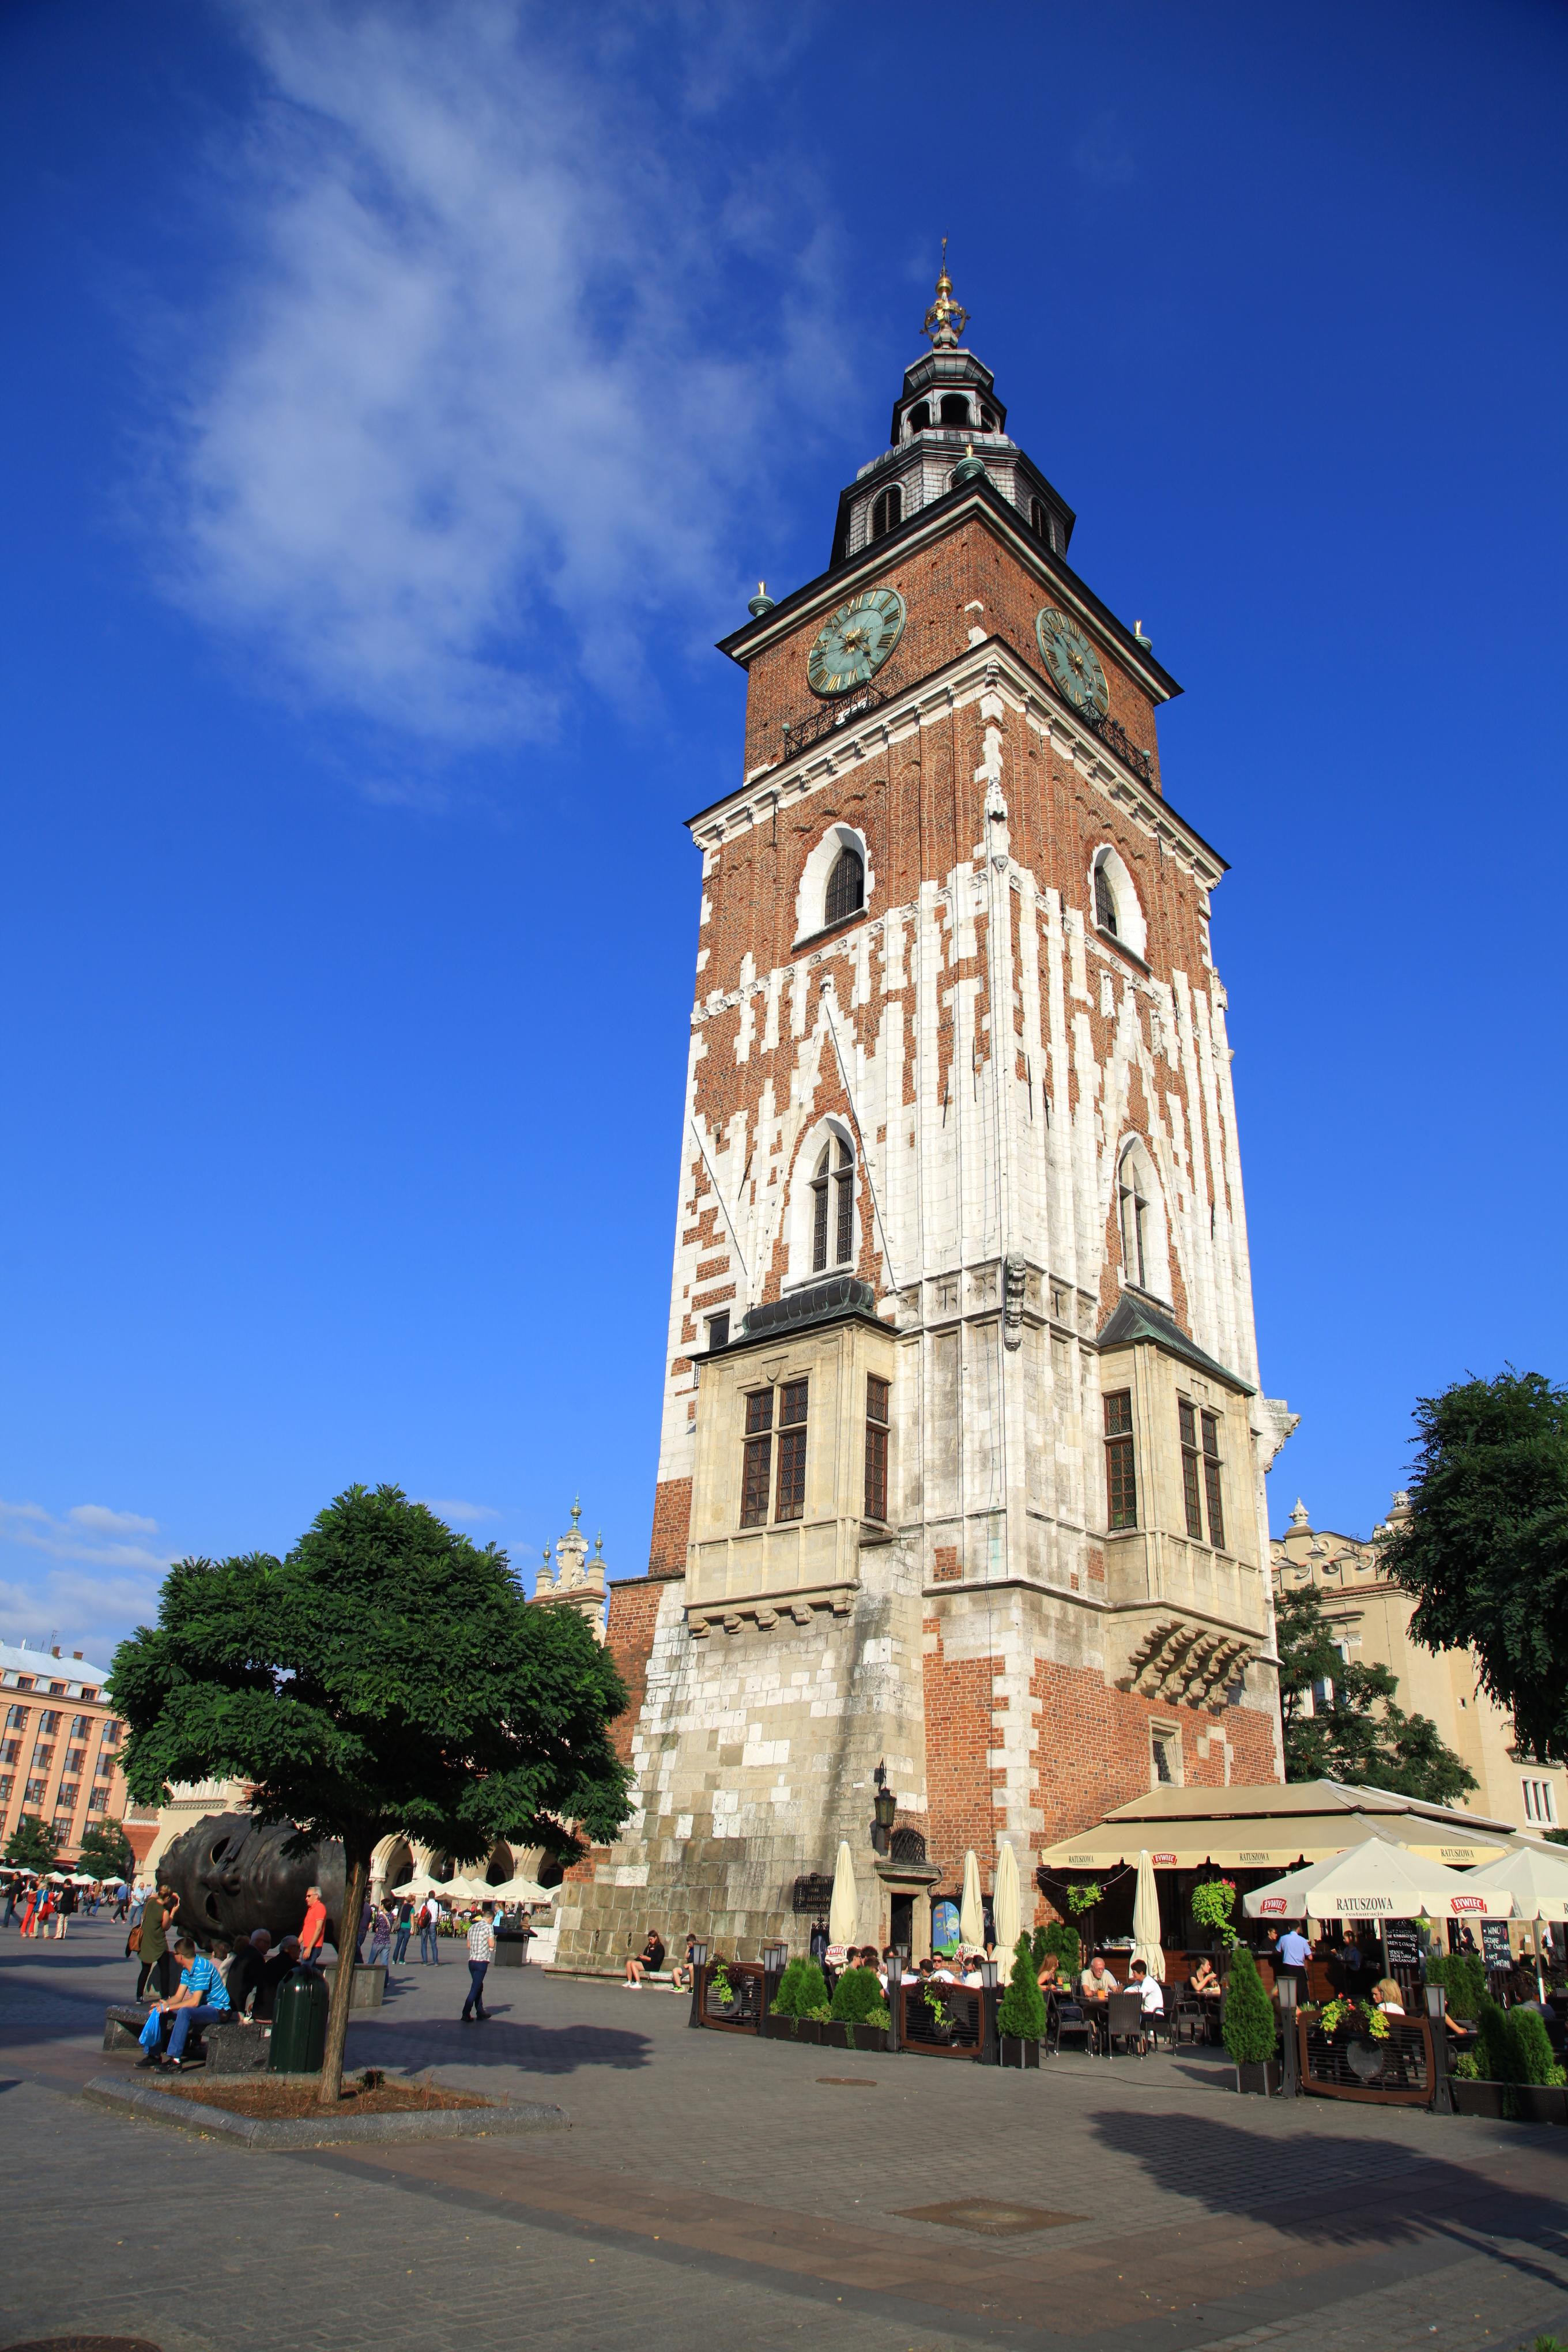 波兰特辑外加捷克人骨教堂再外加夜游蓝色多瑙河